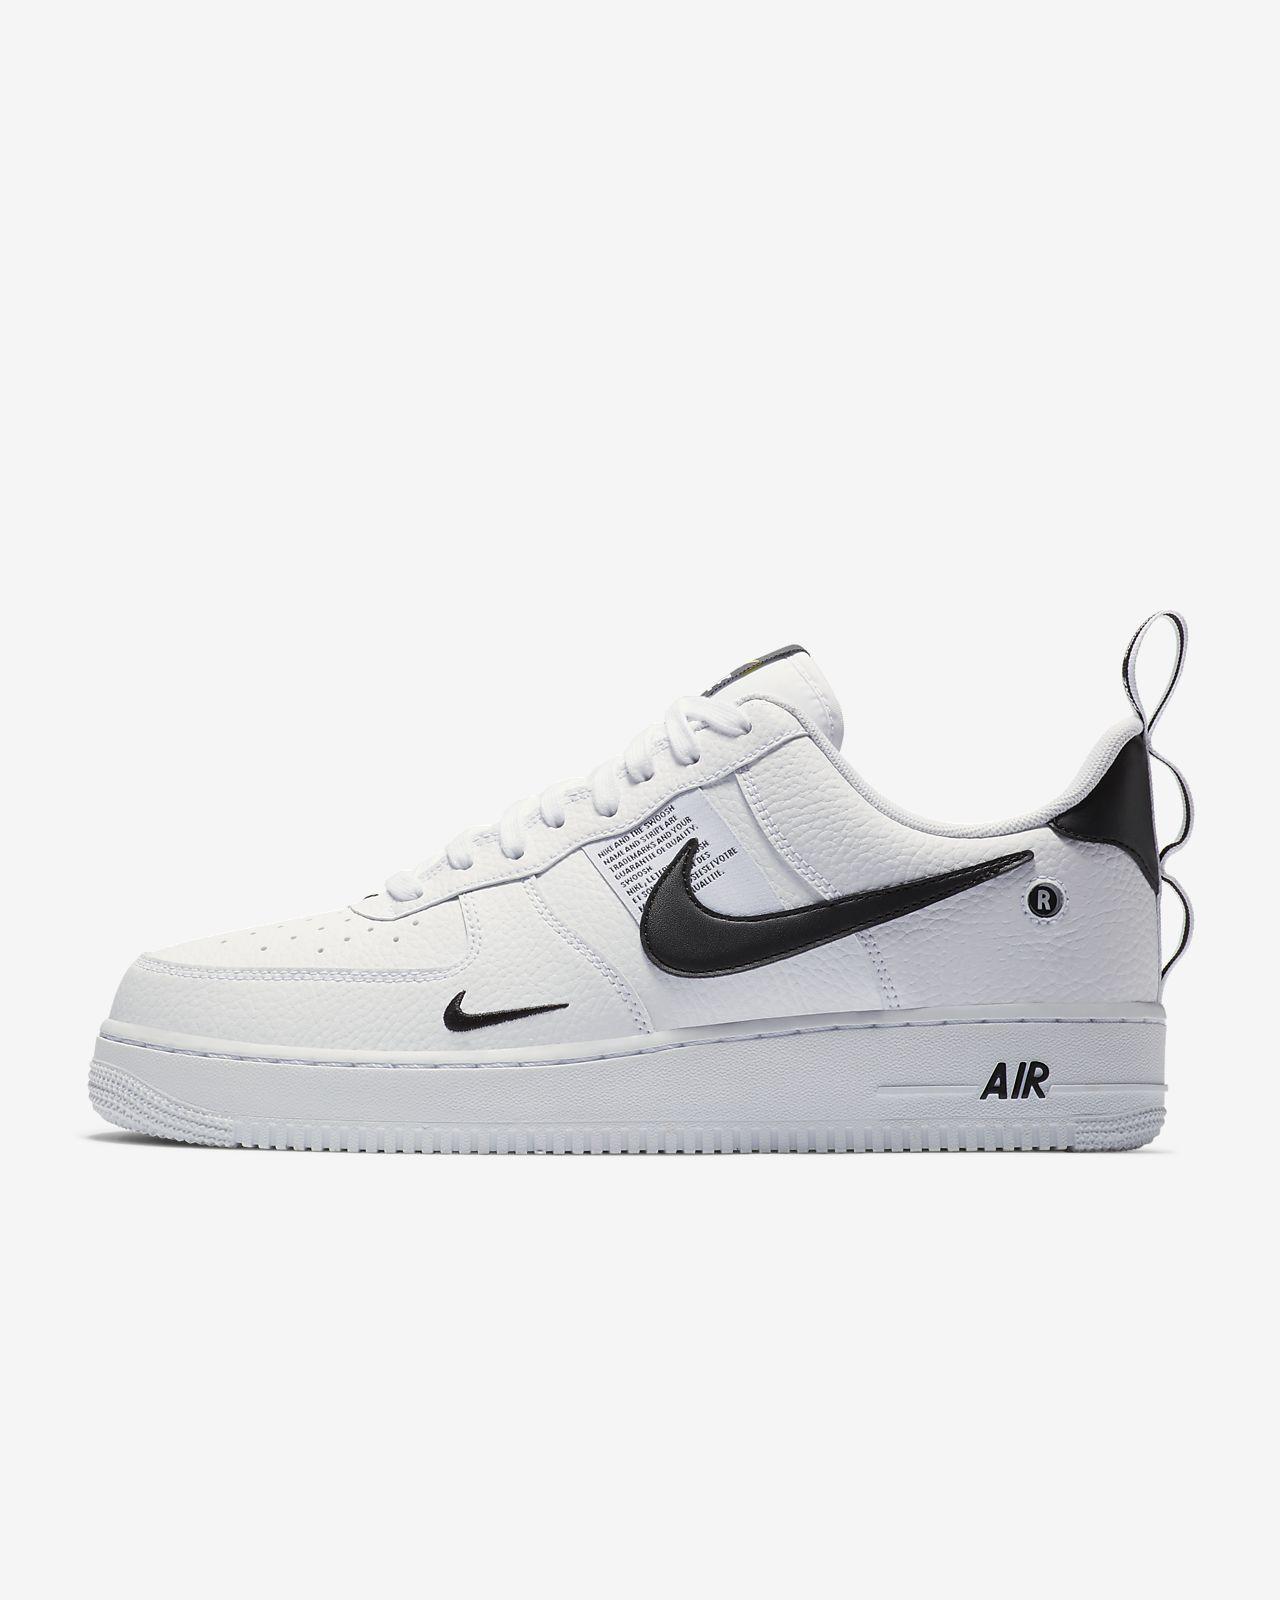 sports shoes a3c1b de922 ... Chaussure Nike Air Force 1 07 LV8 Utility pour Homme